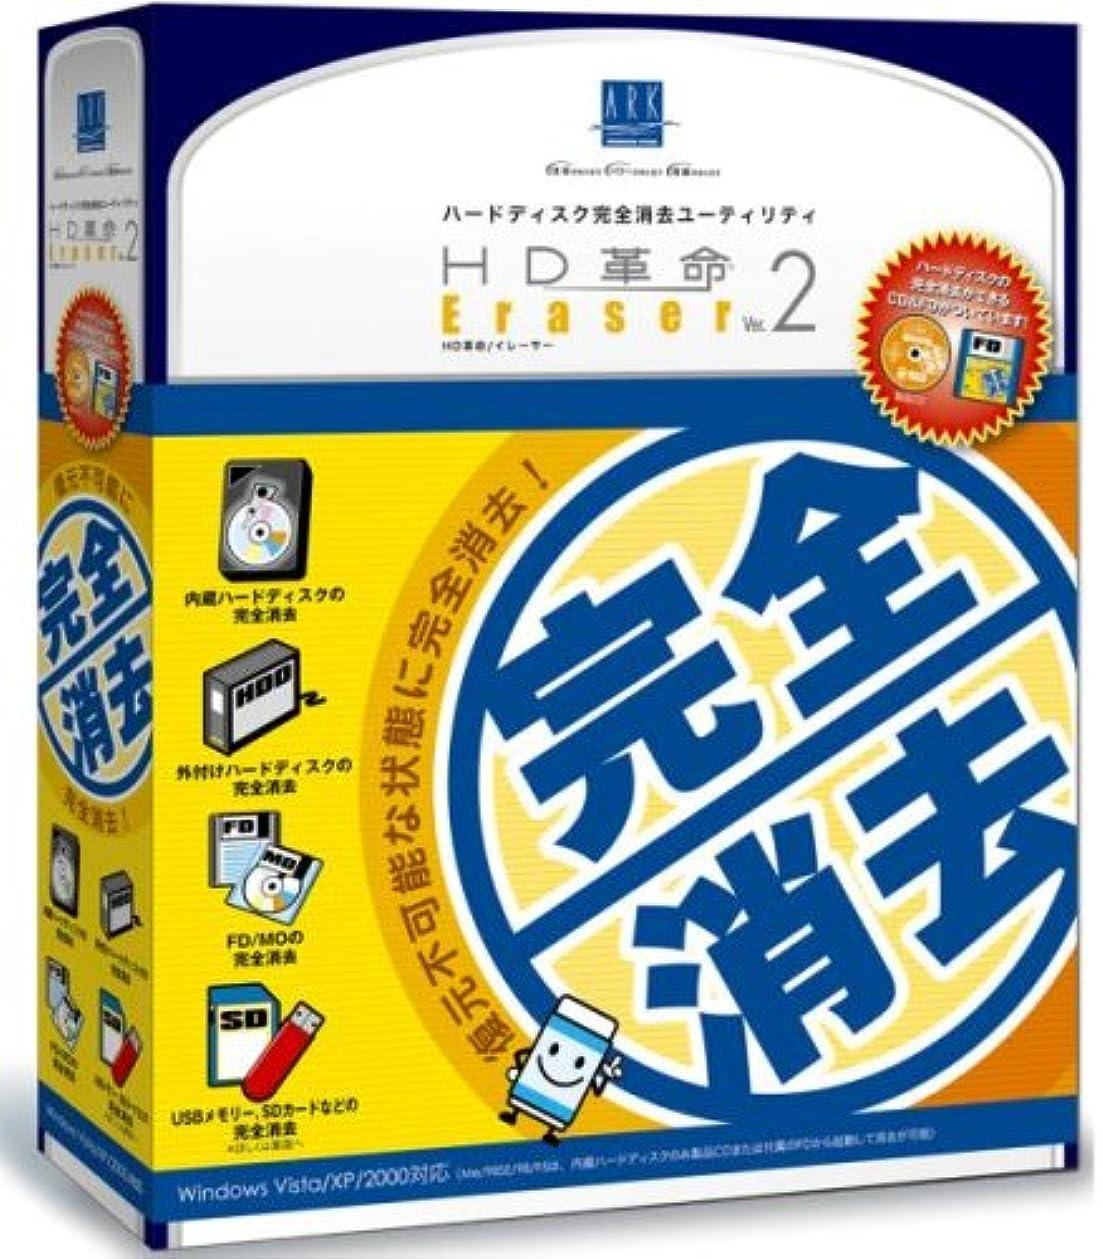 HD革命/Eraser Ver.2